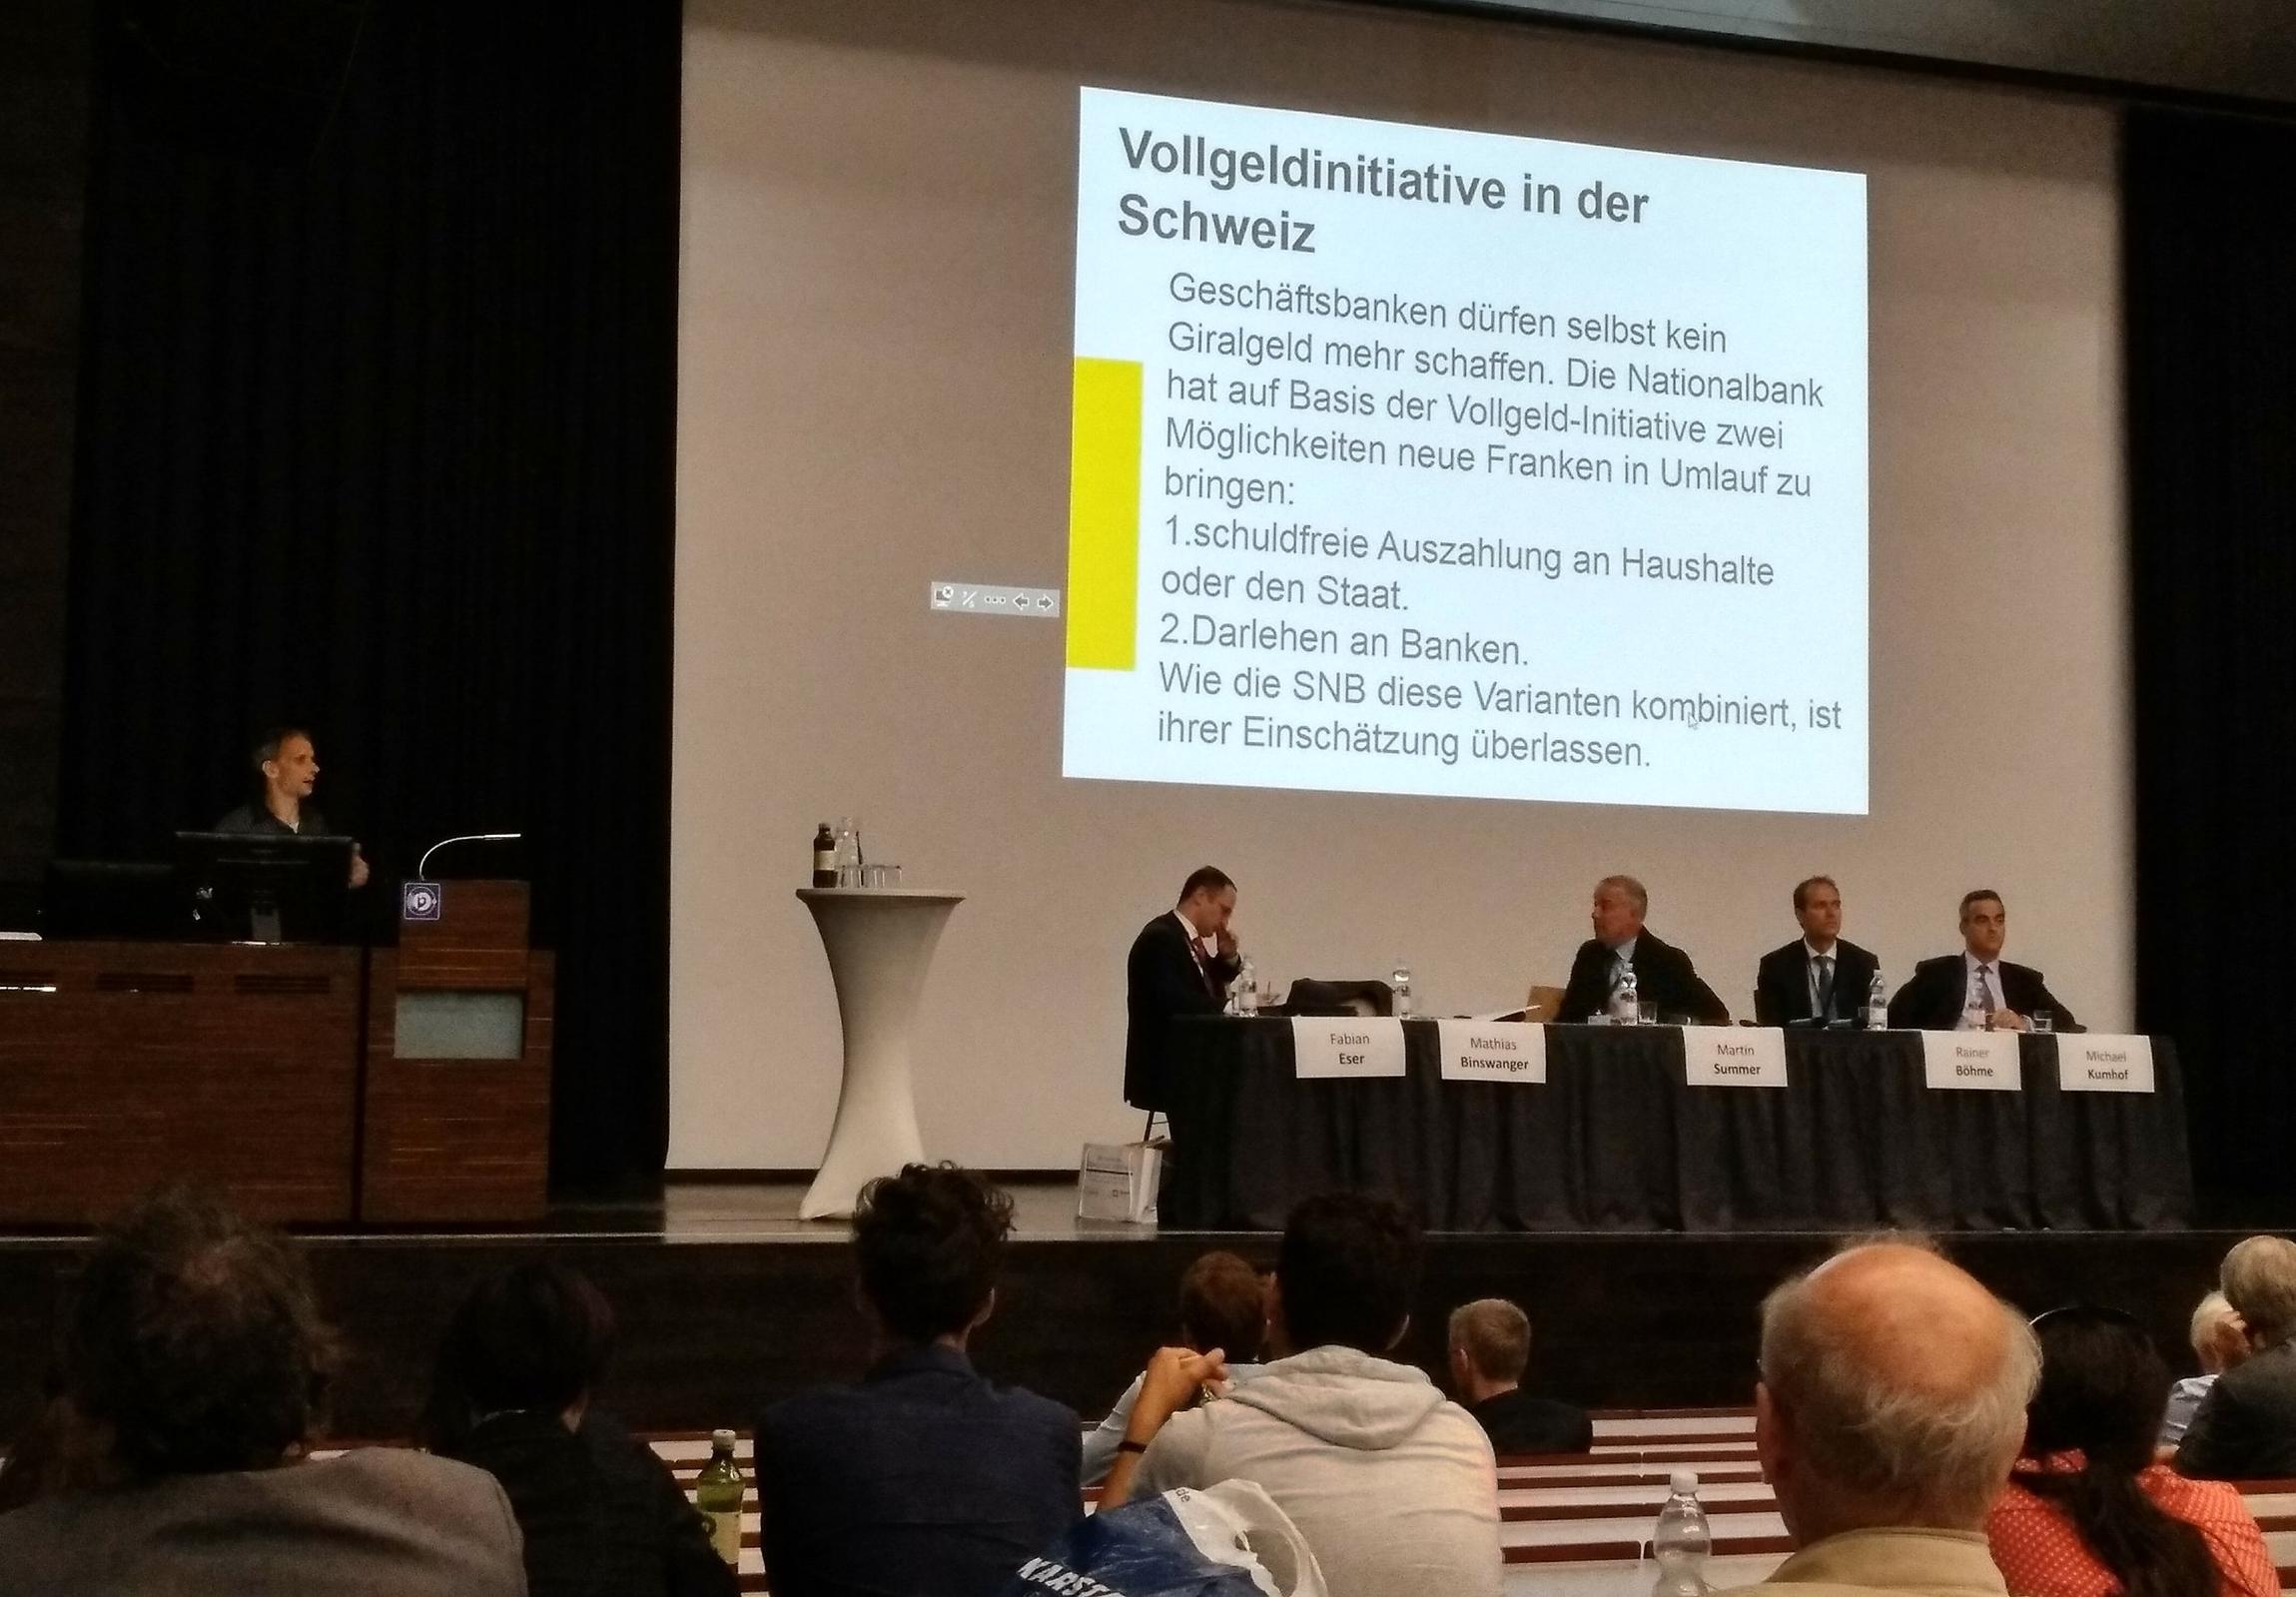 Michael Binswanger erwähnt die Schweizer Vollgeldinitiative